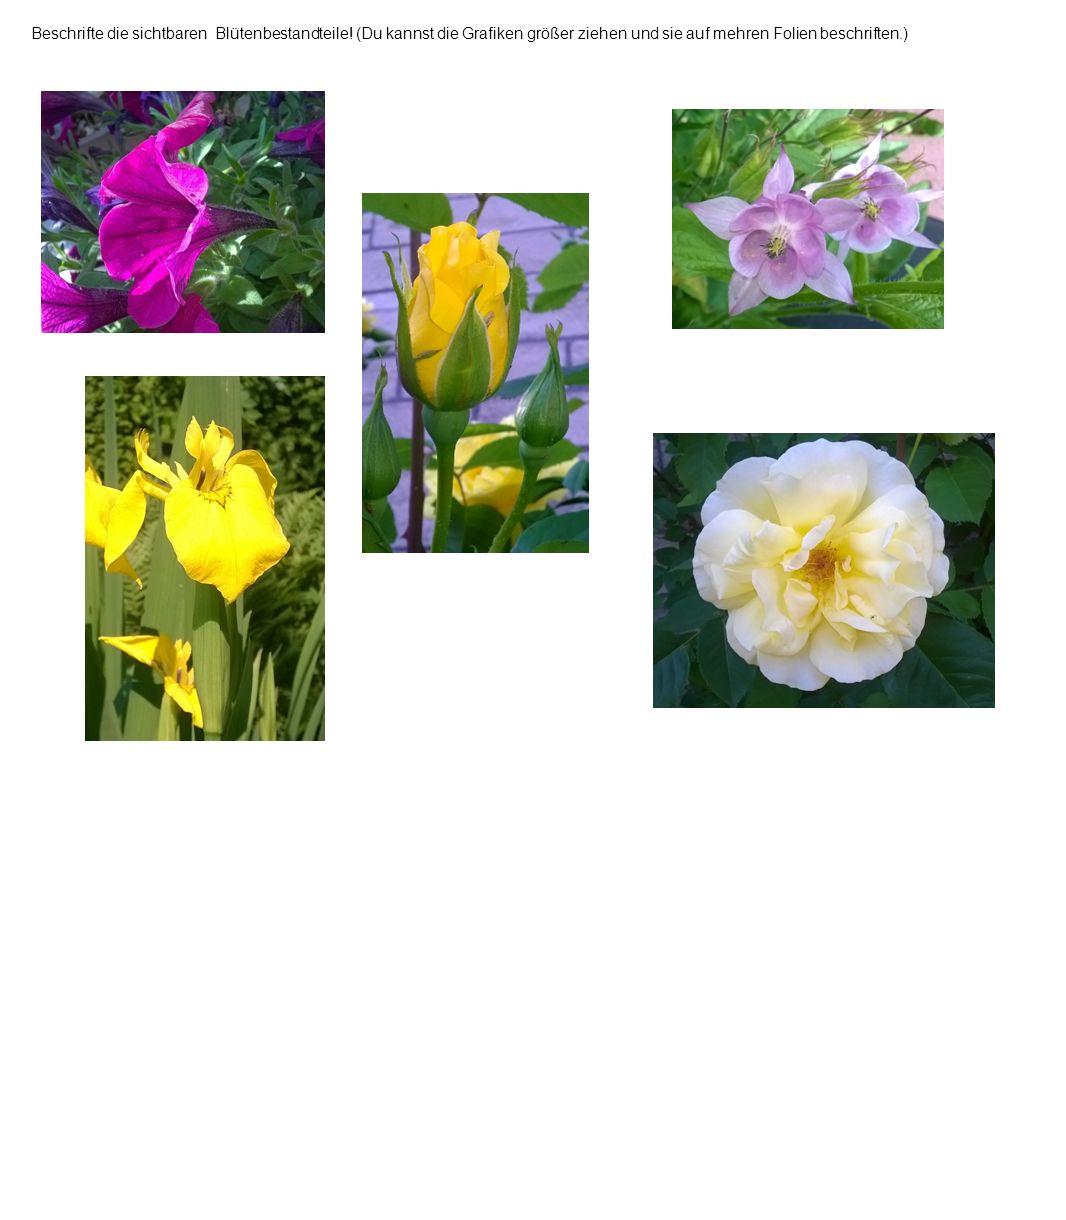 Beschrifte die sichtbaren Blütenbestandteile.